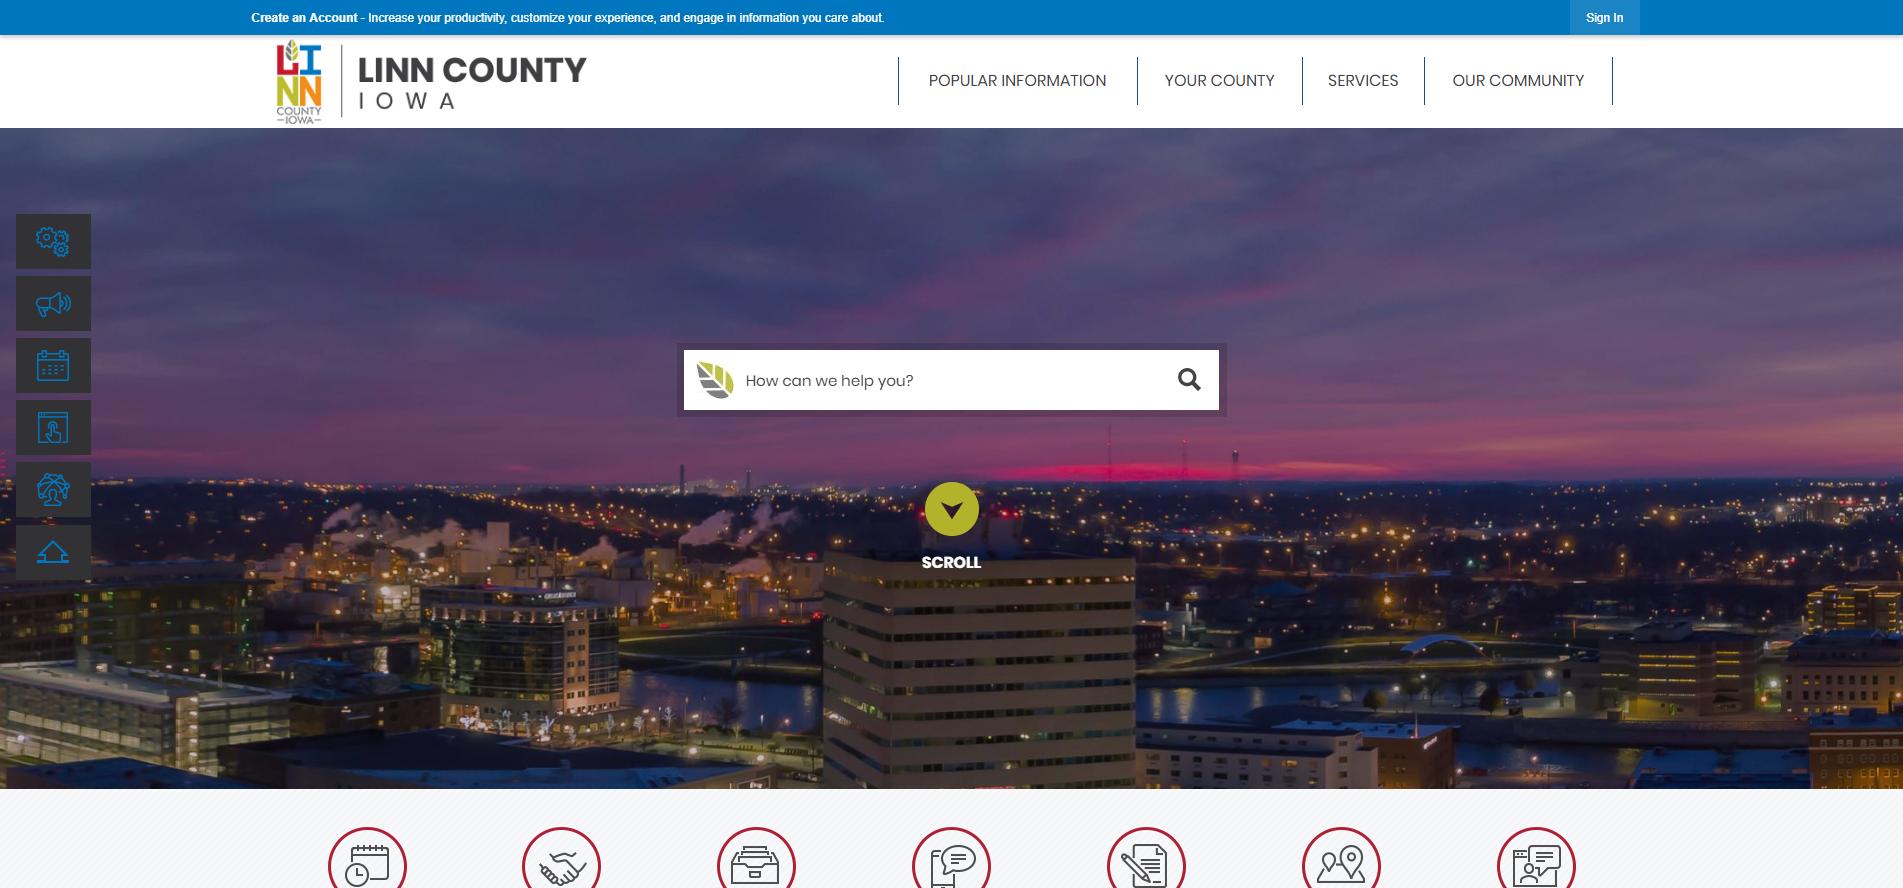 3CMA_Digital_Interactive_Website_Award_West_Linn_County_IA